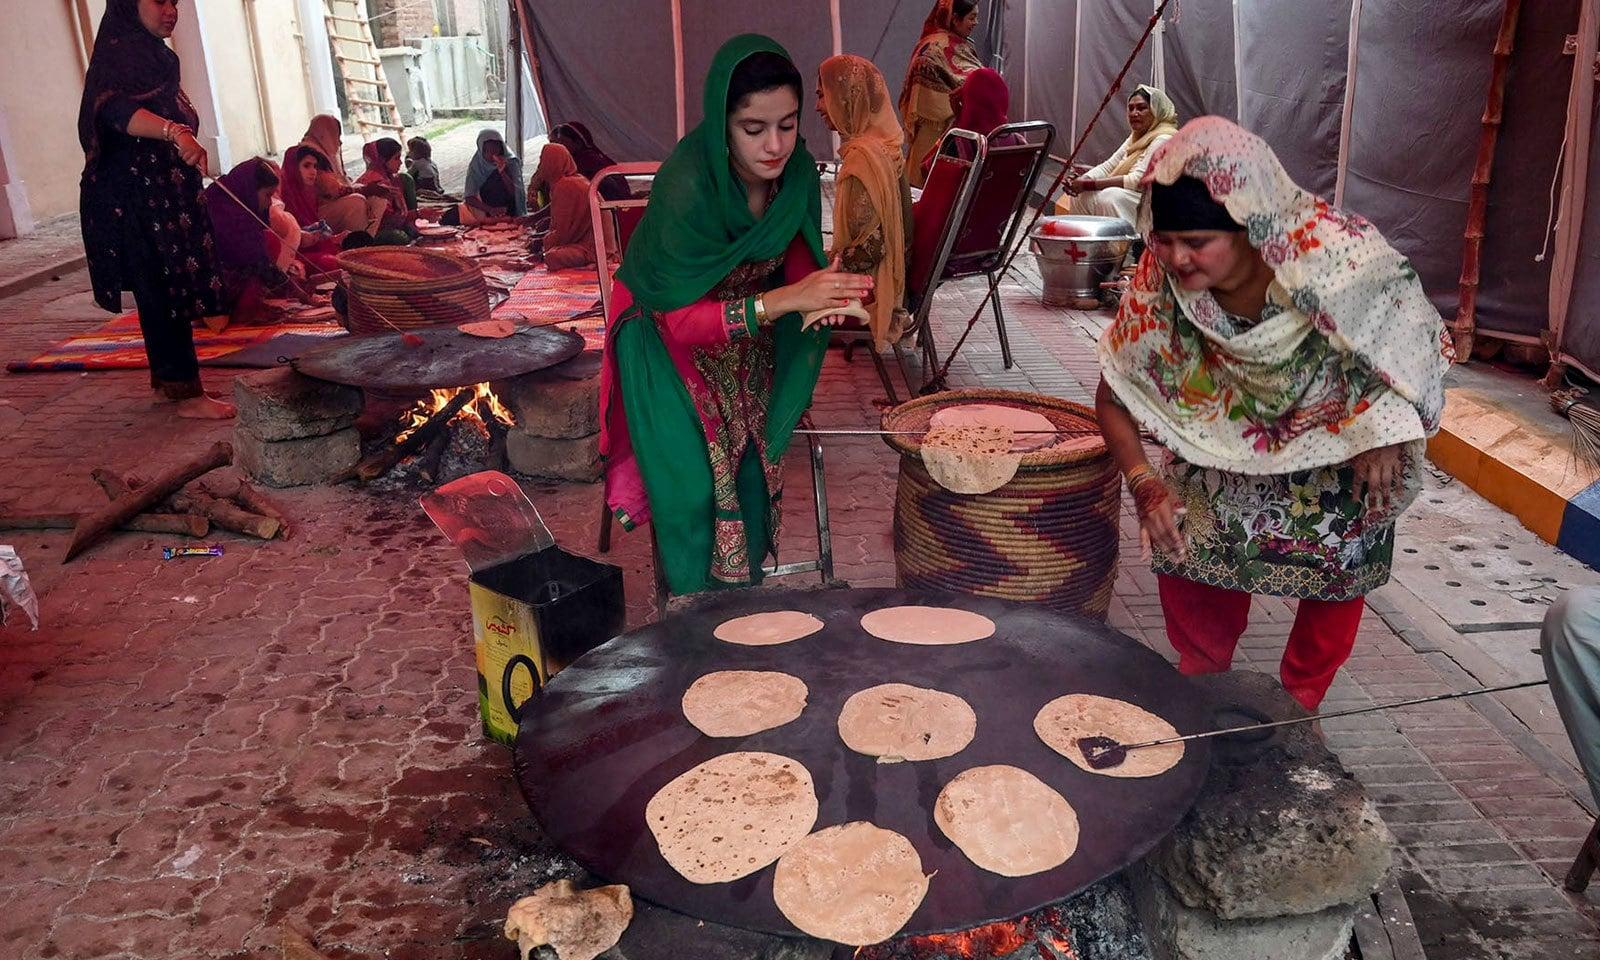 بابا گرونانک کے مزار میں یاتریوں کے لیے کھانا تیار کیا جارہا ہے — فوٹو: اے ایف پی